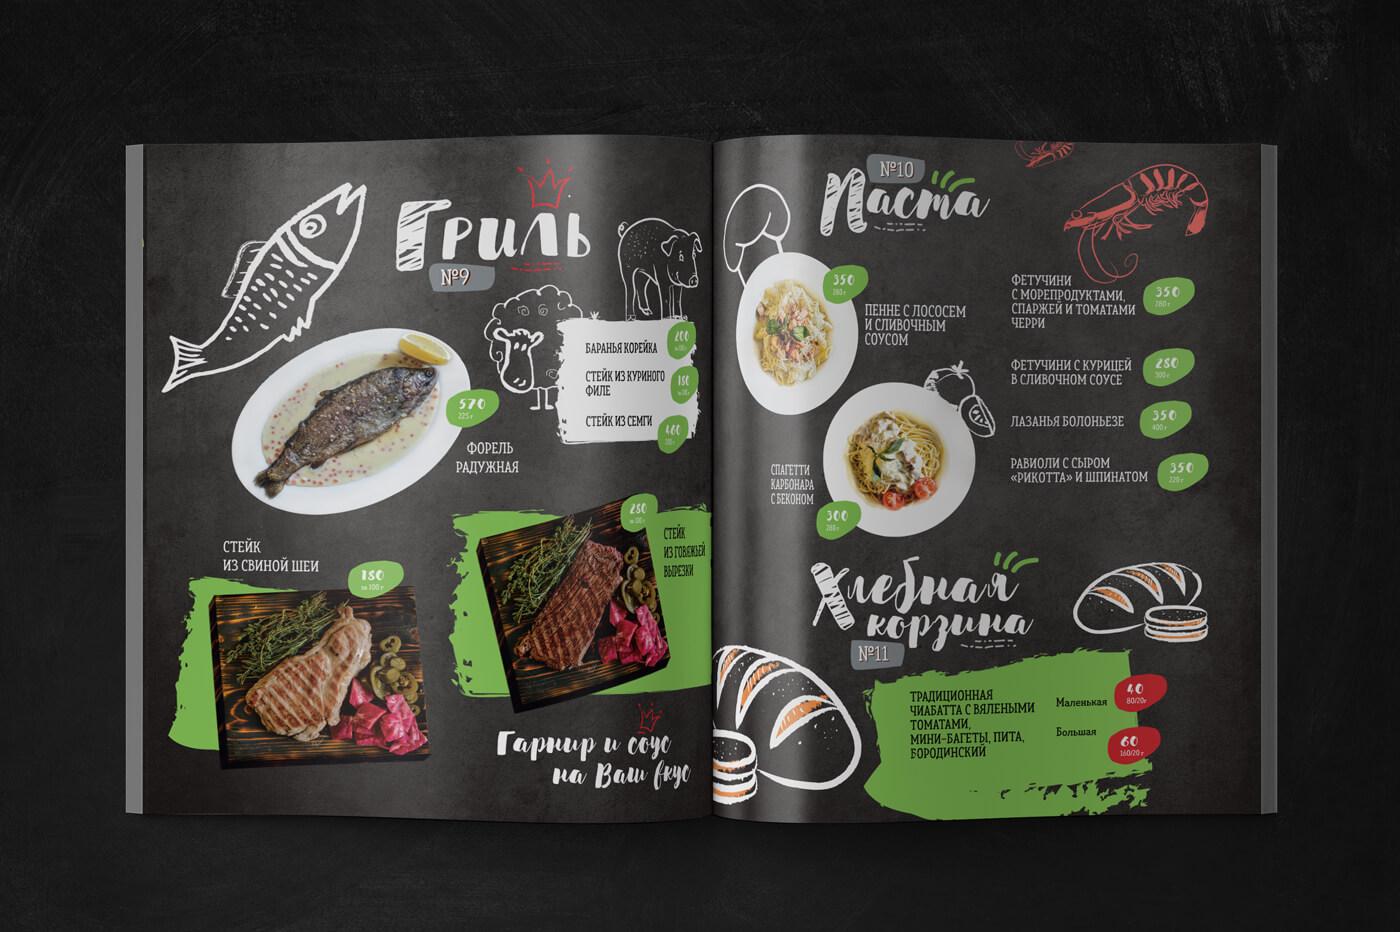 Дизайн меню кафе trattoria «Basilico» – гриль, паста